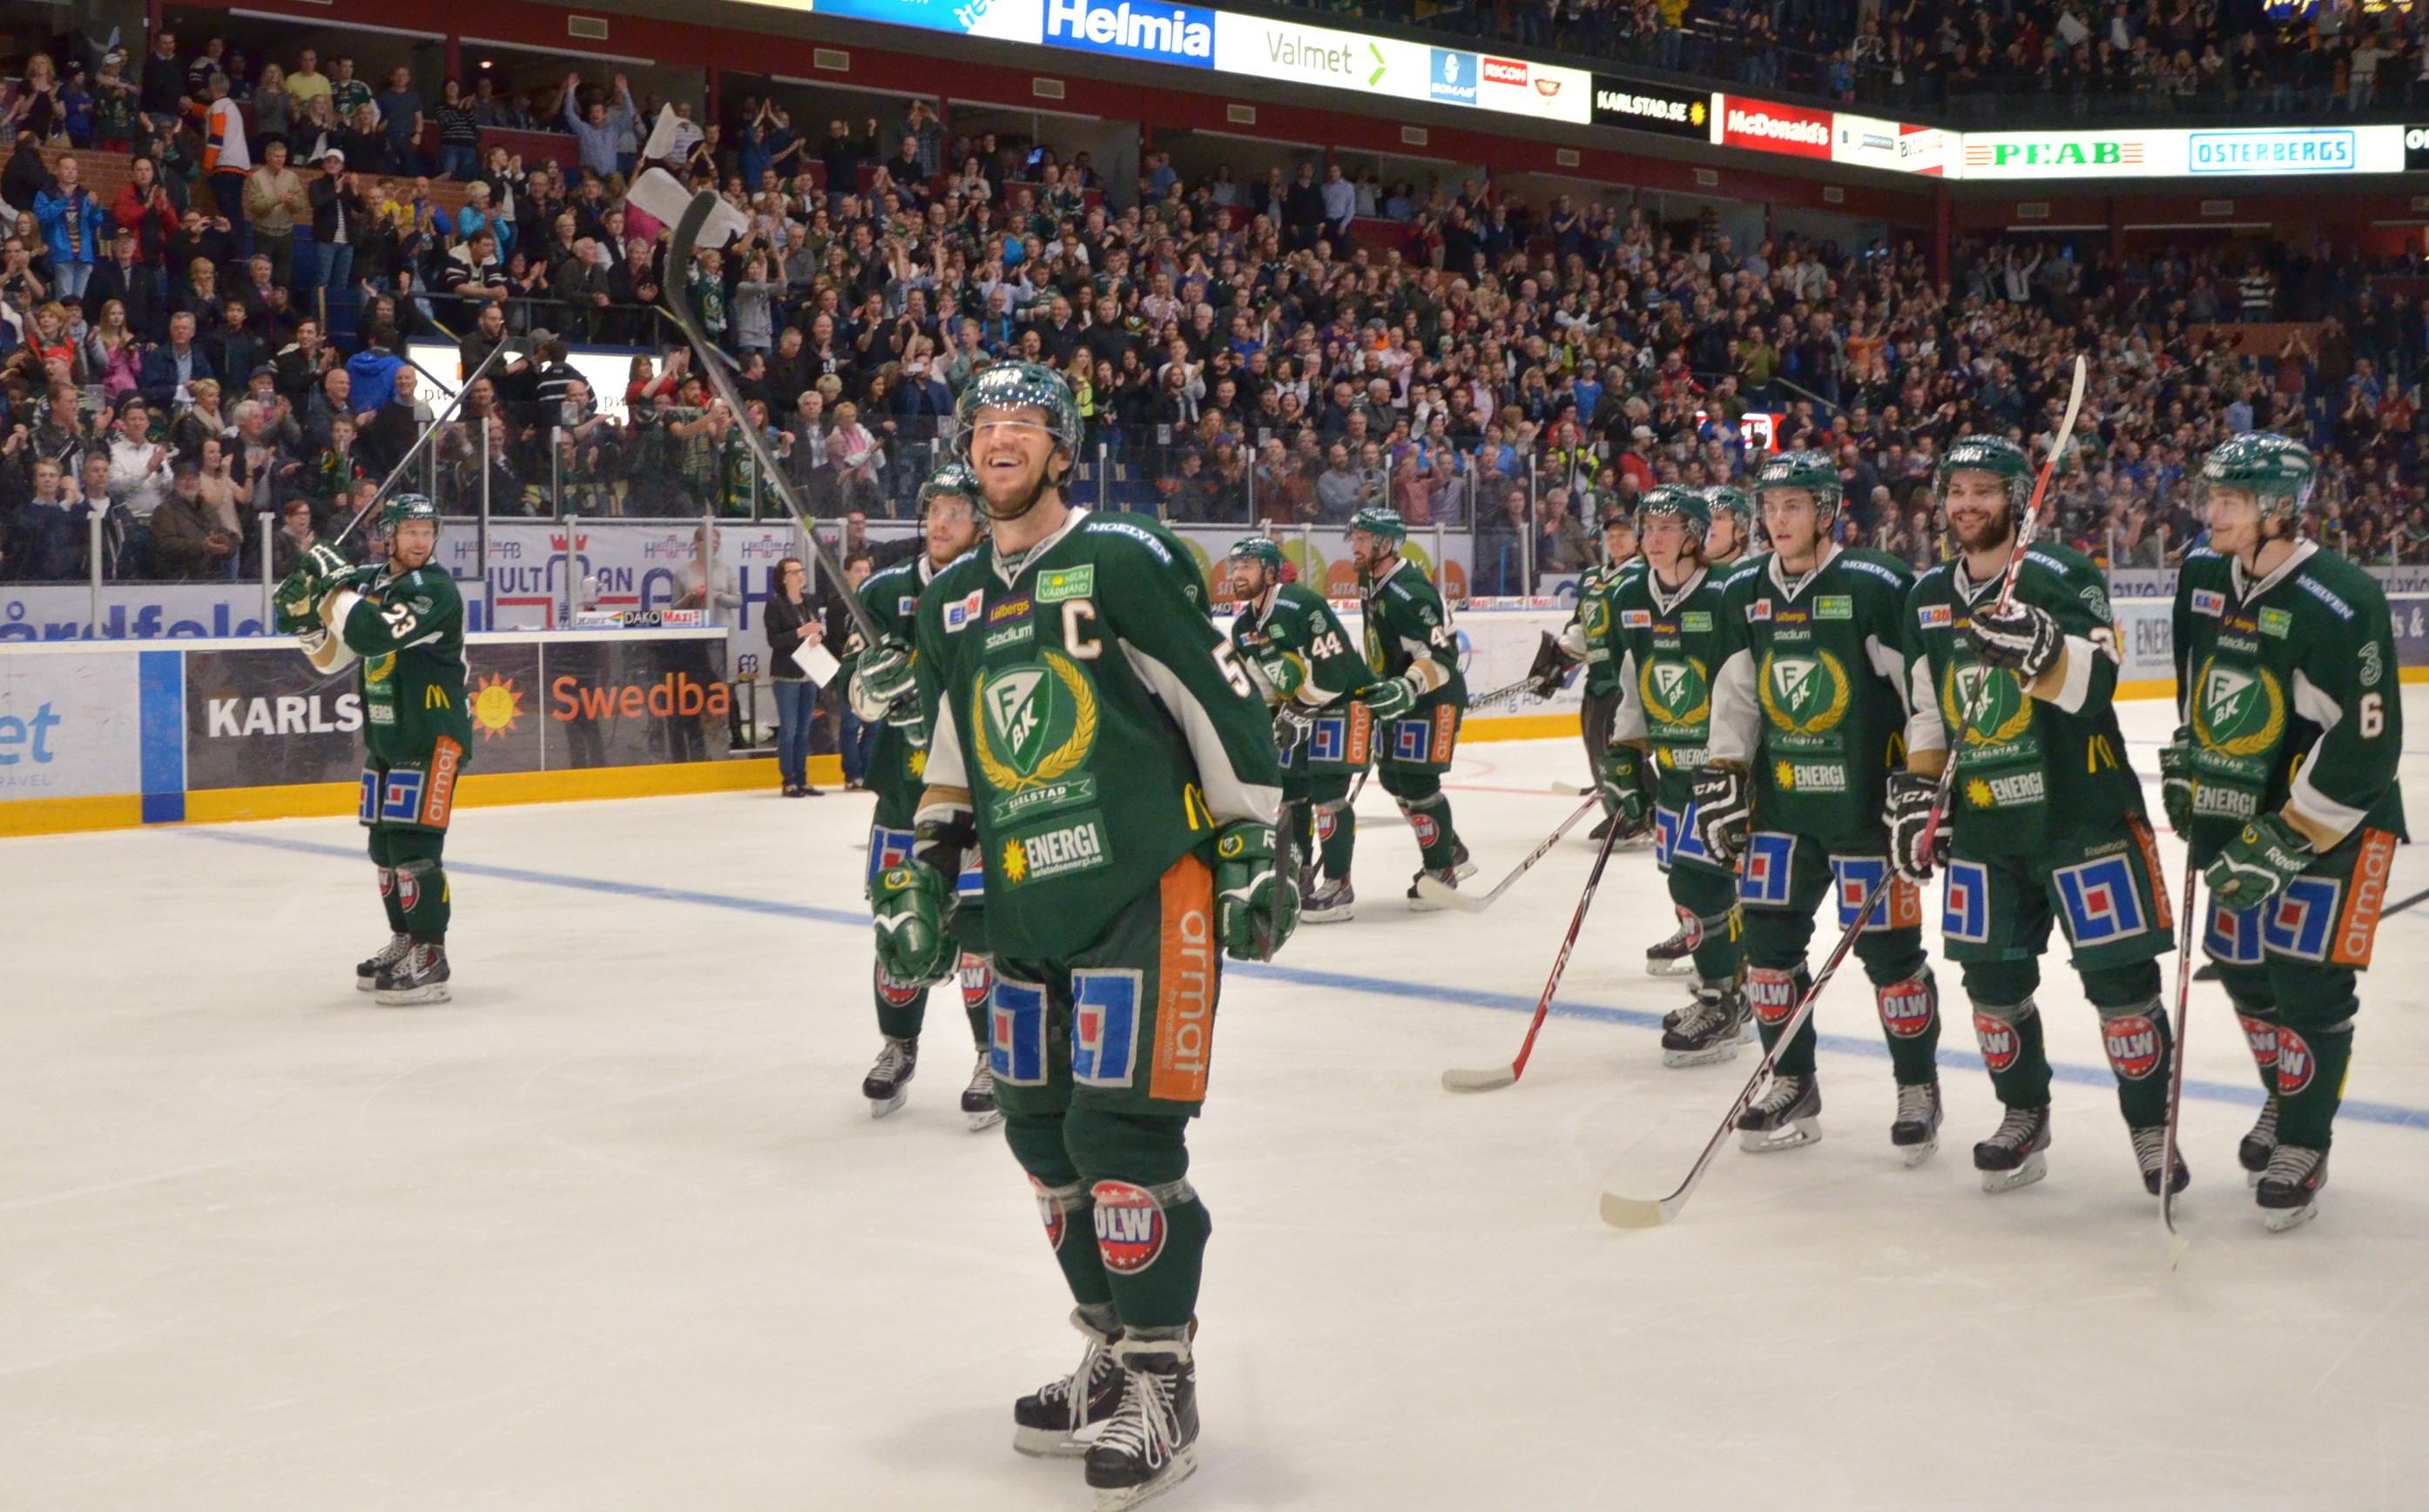 Kapten Tollefsen och hans mannar tar emot publikens jubel efter semifinalsegern.  Foto: Robin Angle/fbkbloggen